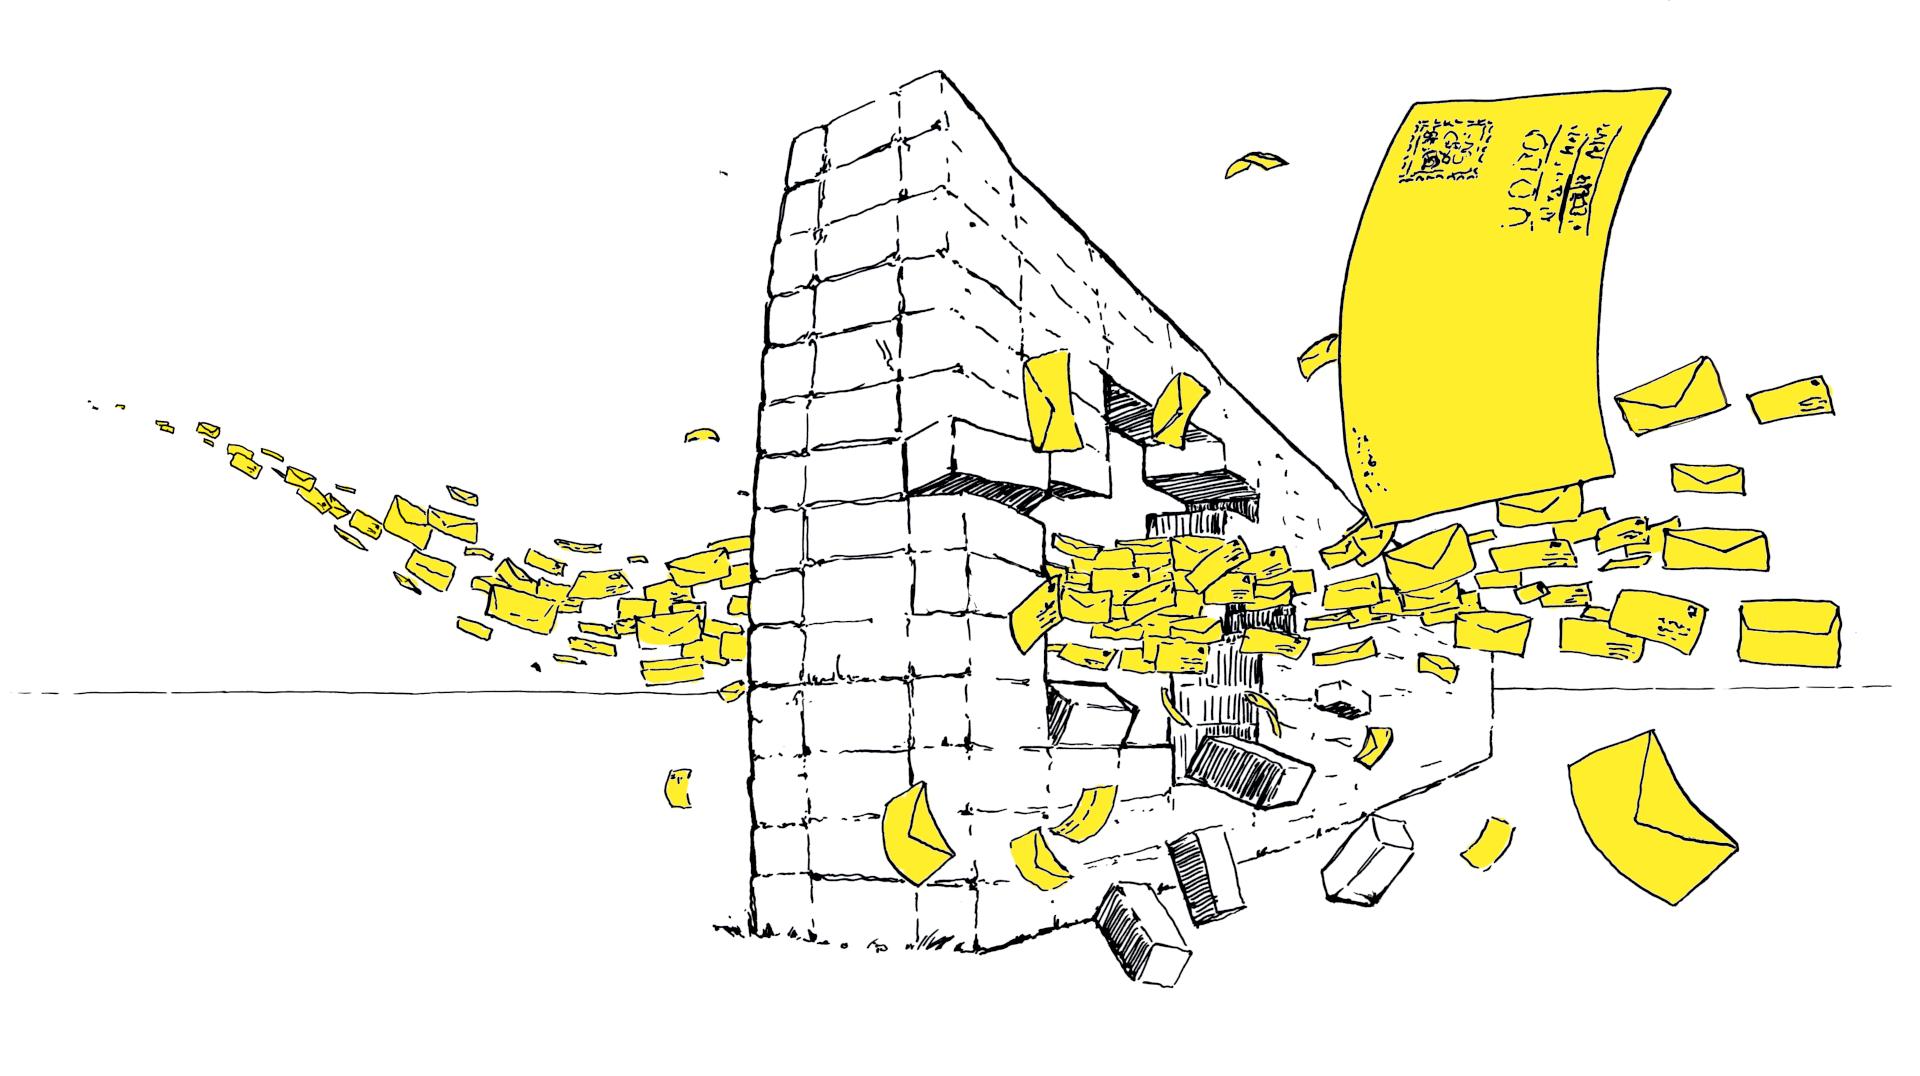 Ilustracja. Latające koperty przebijają dziurę w ceglanym murze. Na jednej z kopert widać zarys adresata: UODO